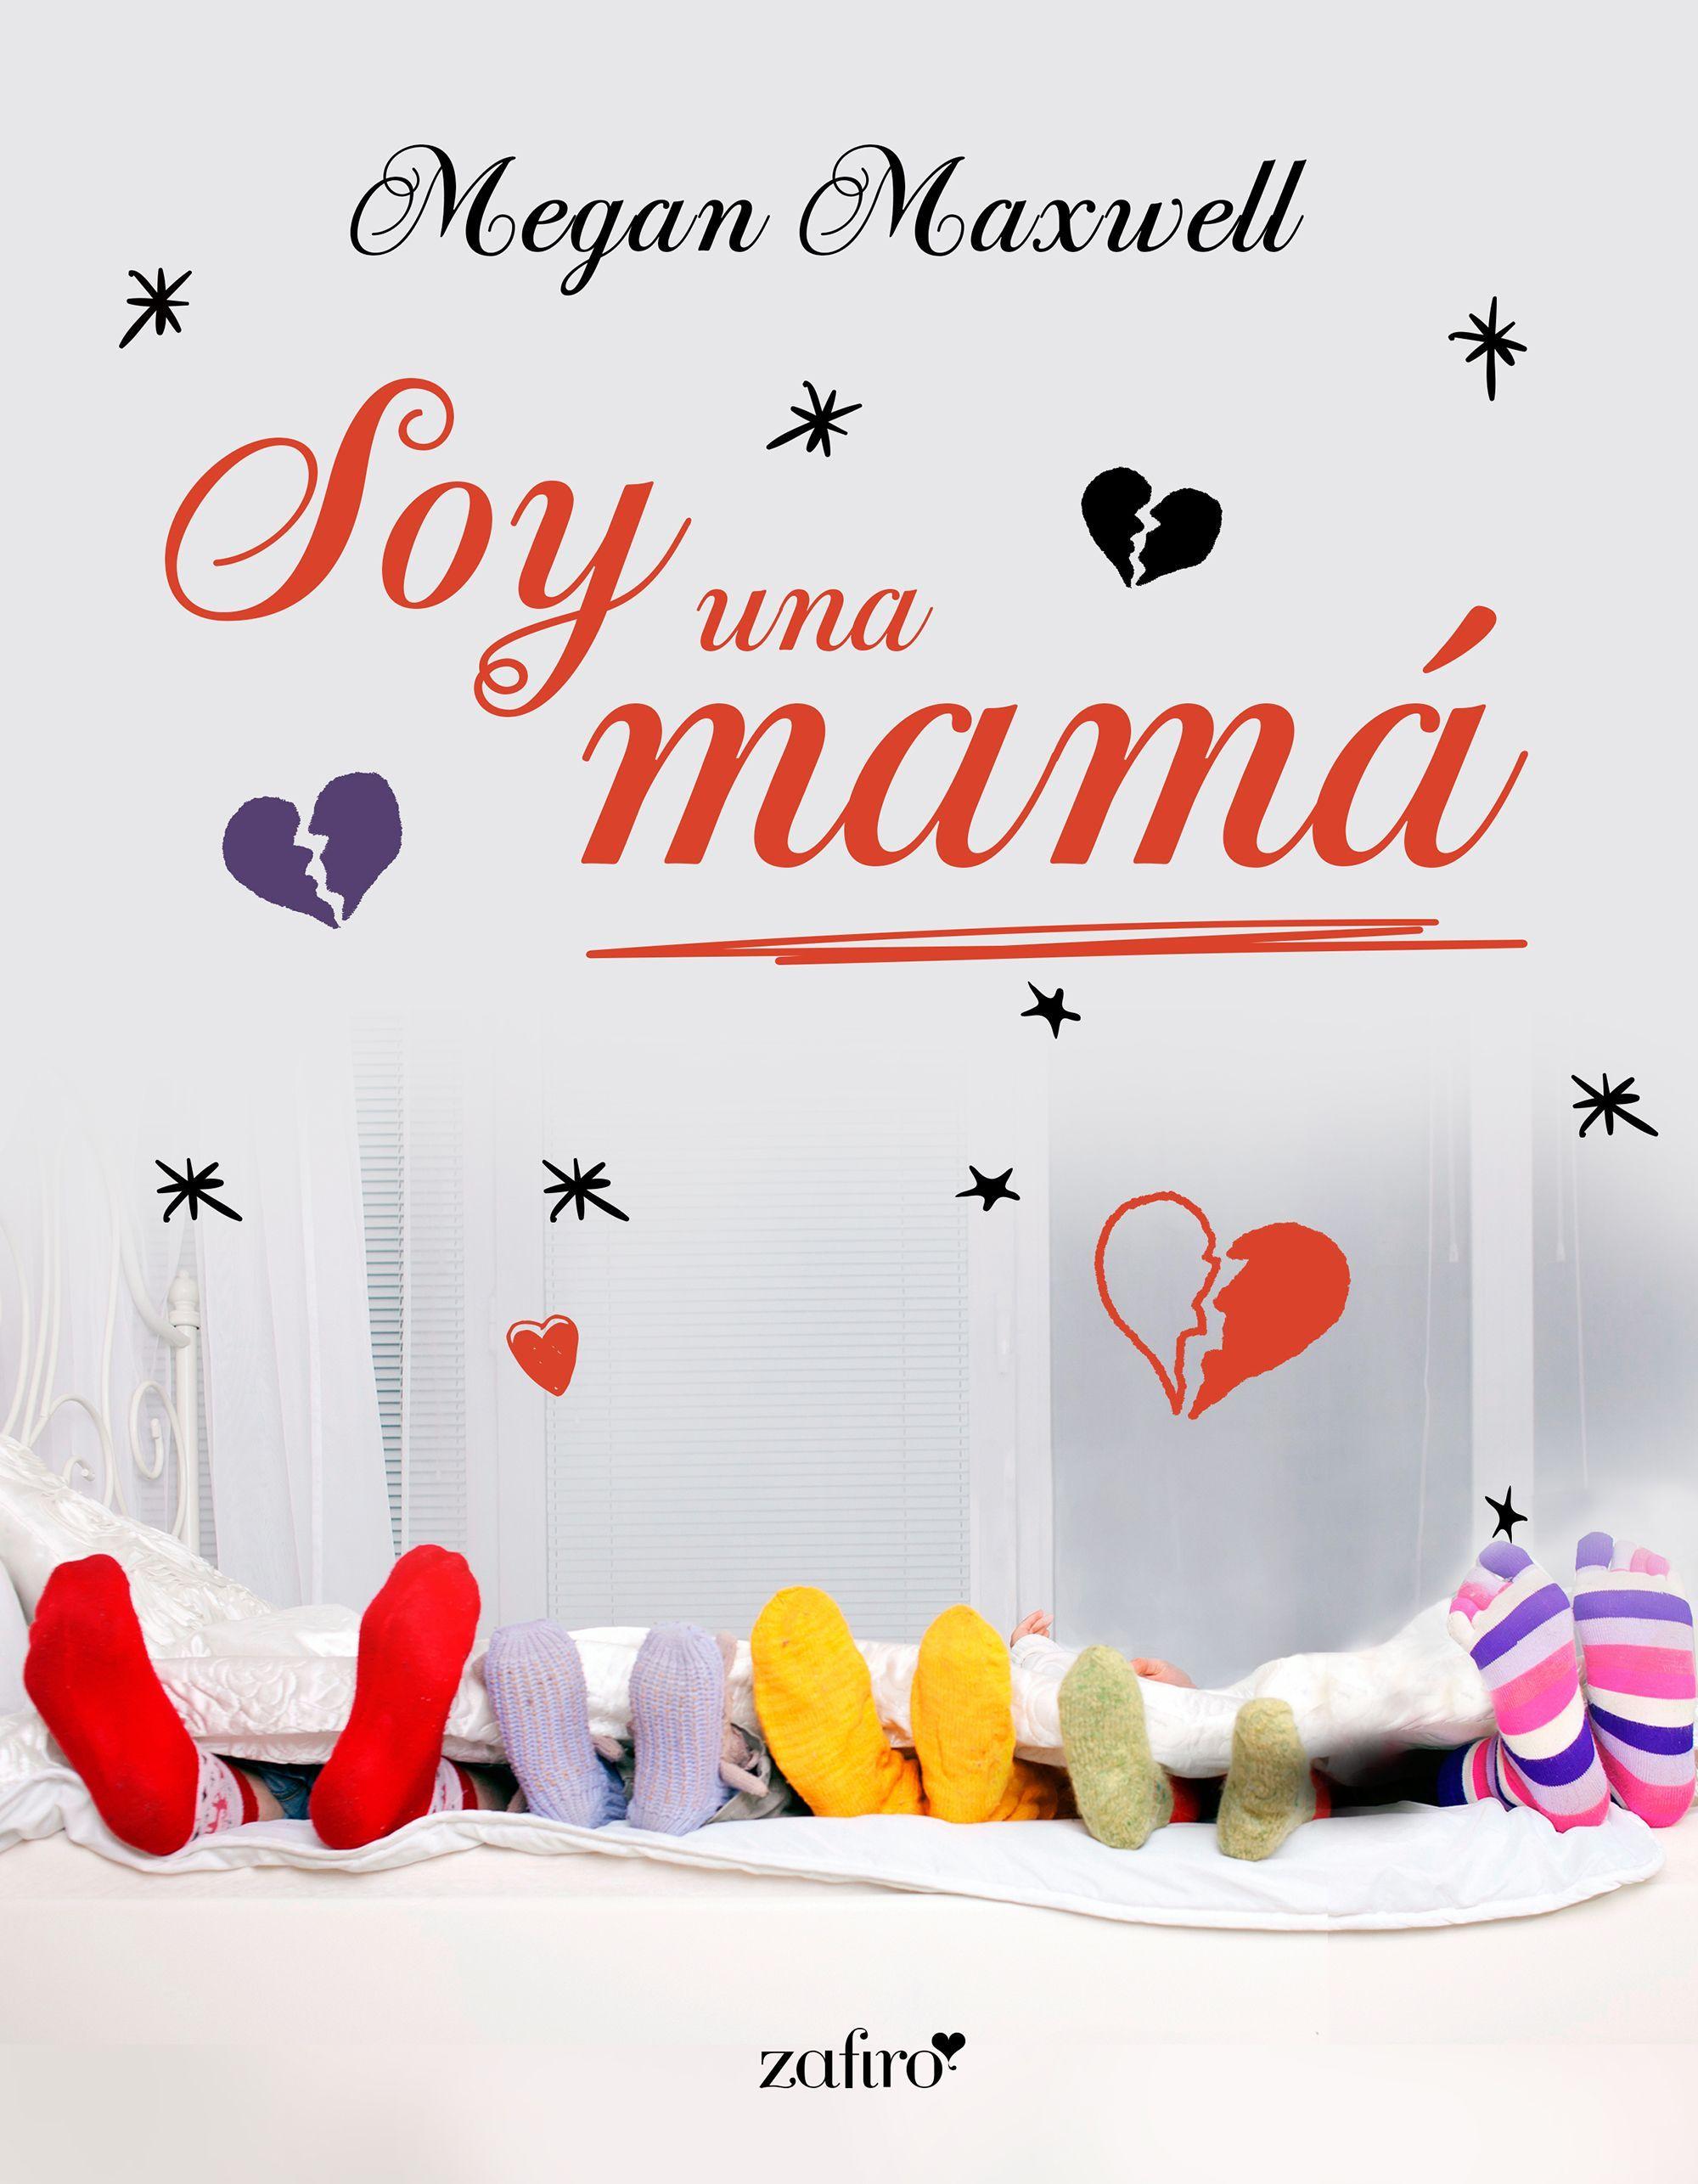 Soy una mamá, de Megan Maxwell. Primera entrega de la nueva serie romántica  contemporánea «Soy una mamá». Tan real como la vida misma